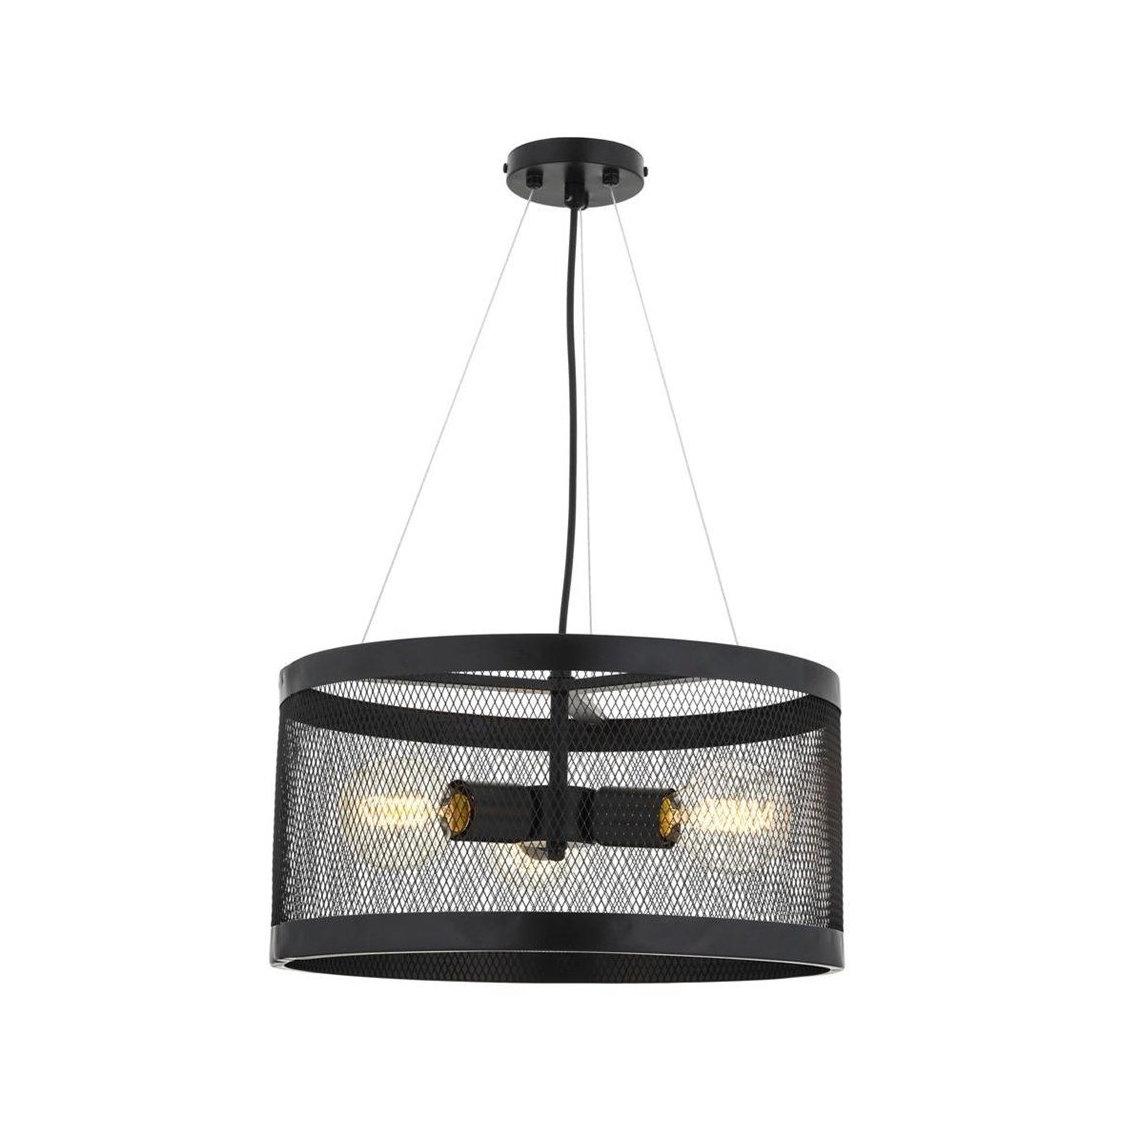 Historické svietidlo závesné s klietkou na 3 x E27 žiarovky.Nesie sa interiér vášho domova, chalupy, reštaurácie alebo hotela vhistorickomduchu (2)